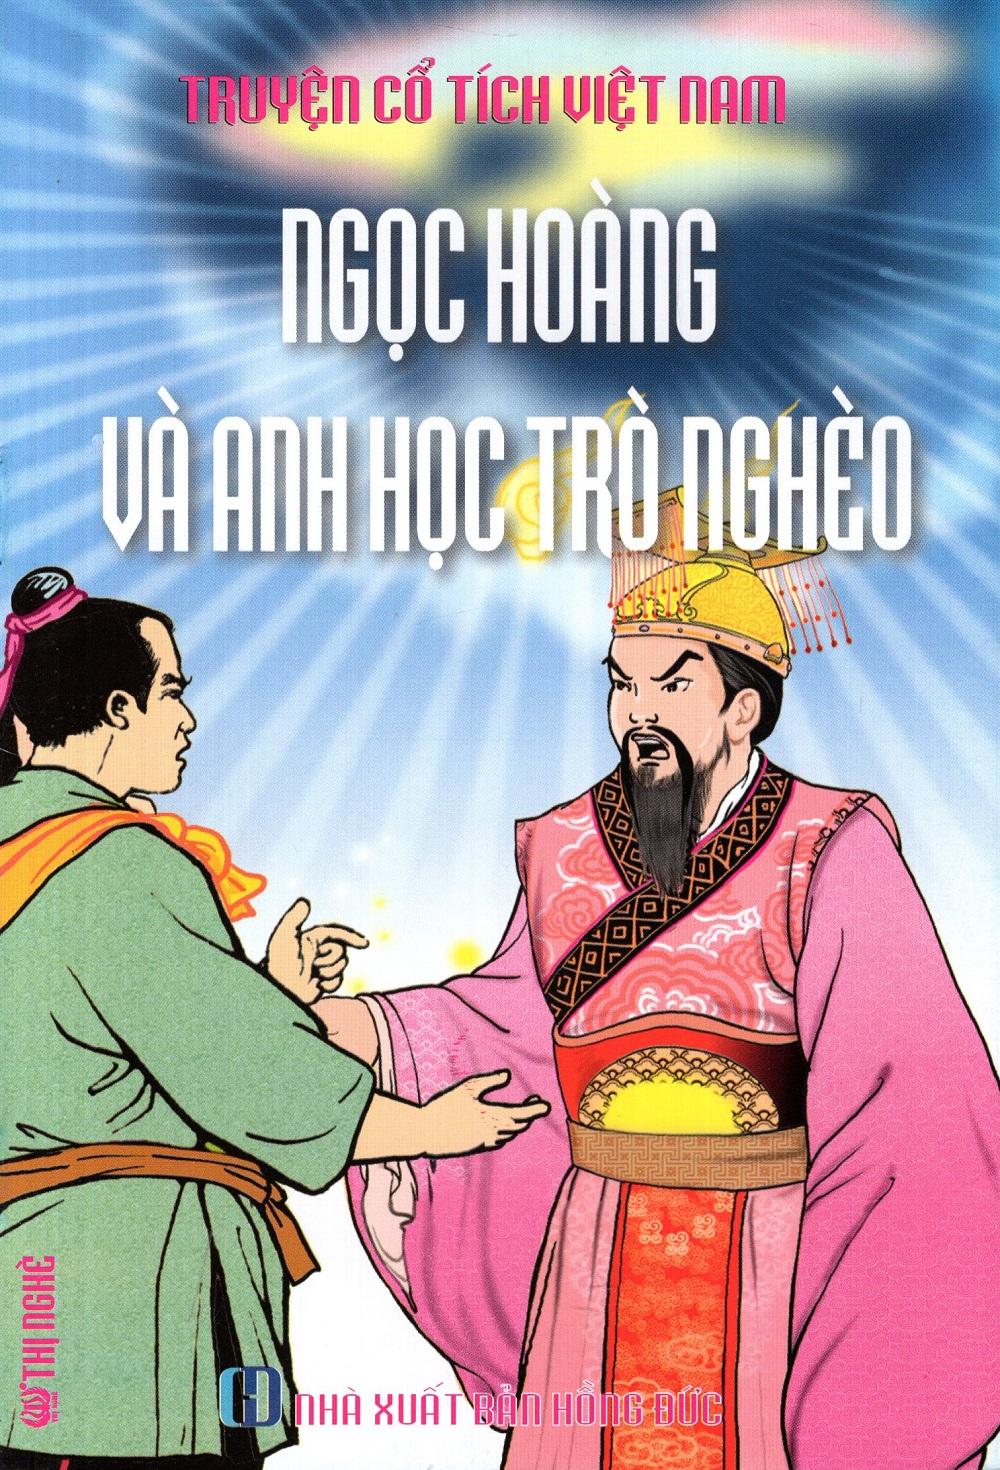 Truyện Cổ Tích Việt Nam - Ngọc Hoàng Và Anh Học Trò Nghèo